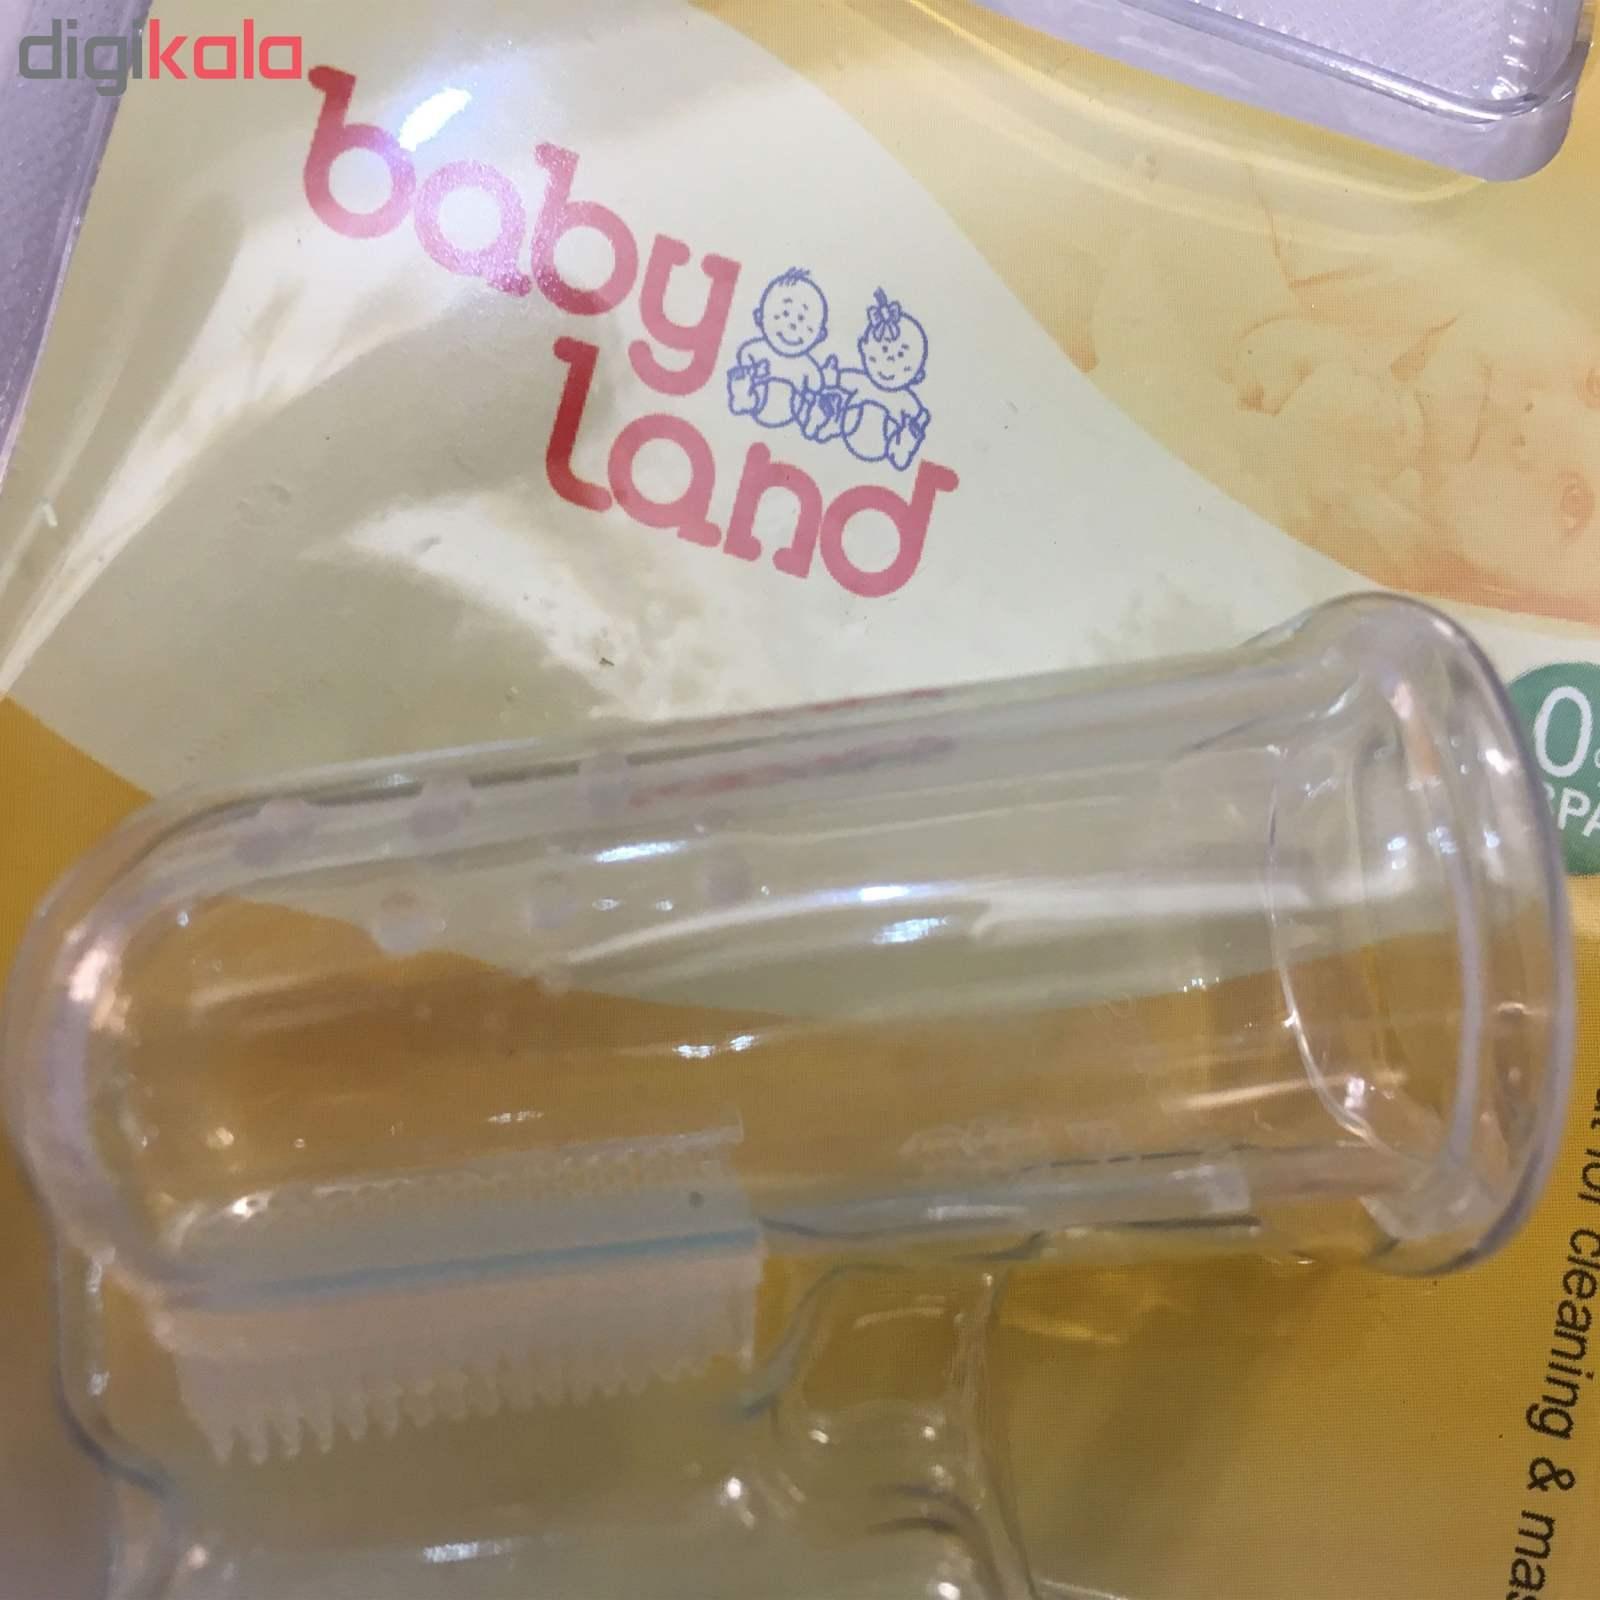 مسواک انگشتی نوزادی بیبی لند مدل 5004 thumb 3